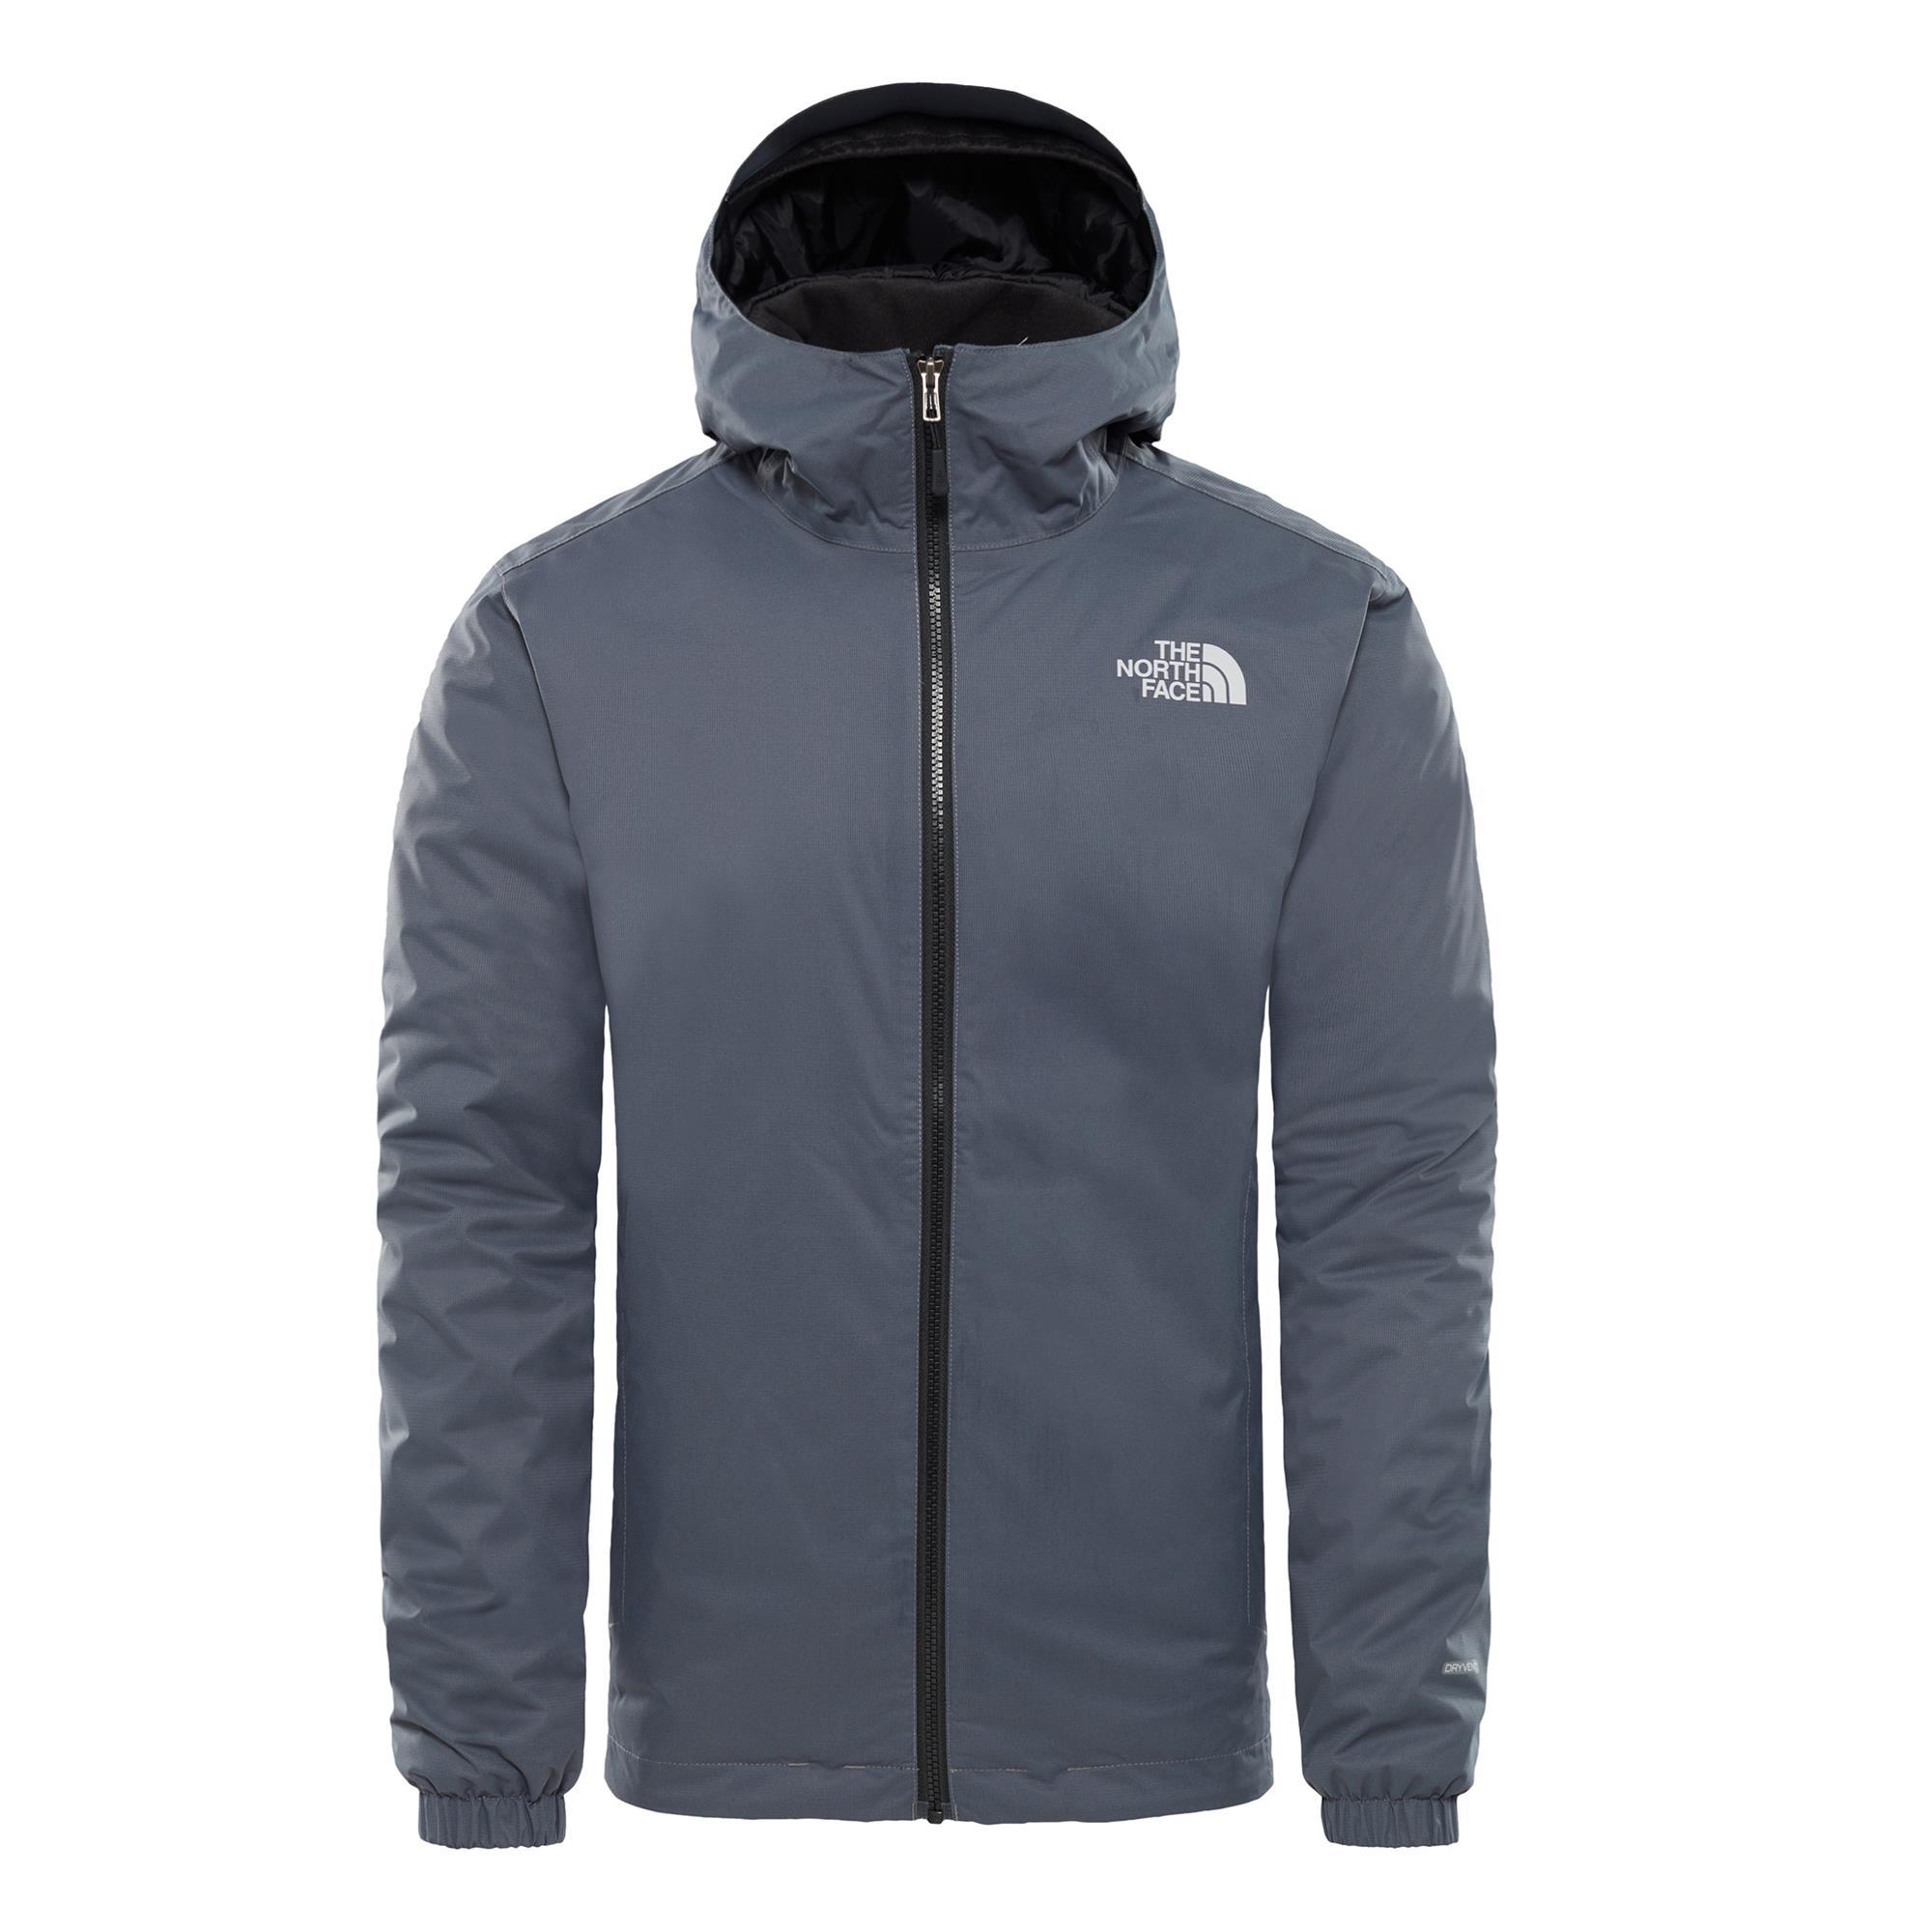 0788843252e20b North Face Diad Jacke Preisvergleich • Die besten Angebote online kaufen